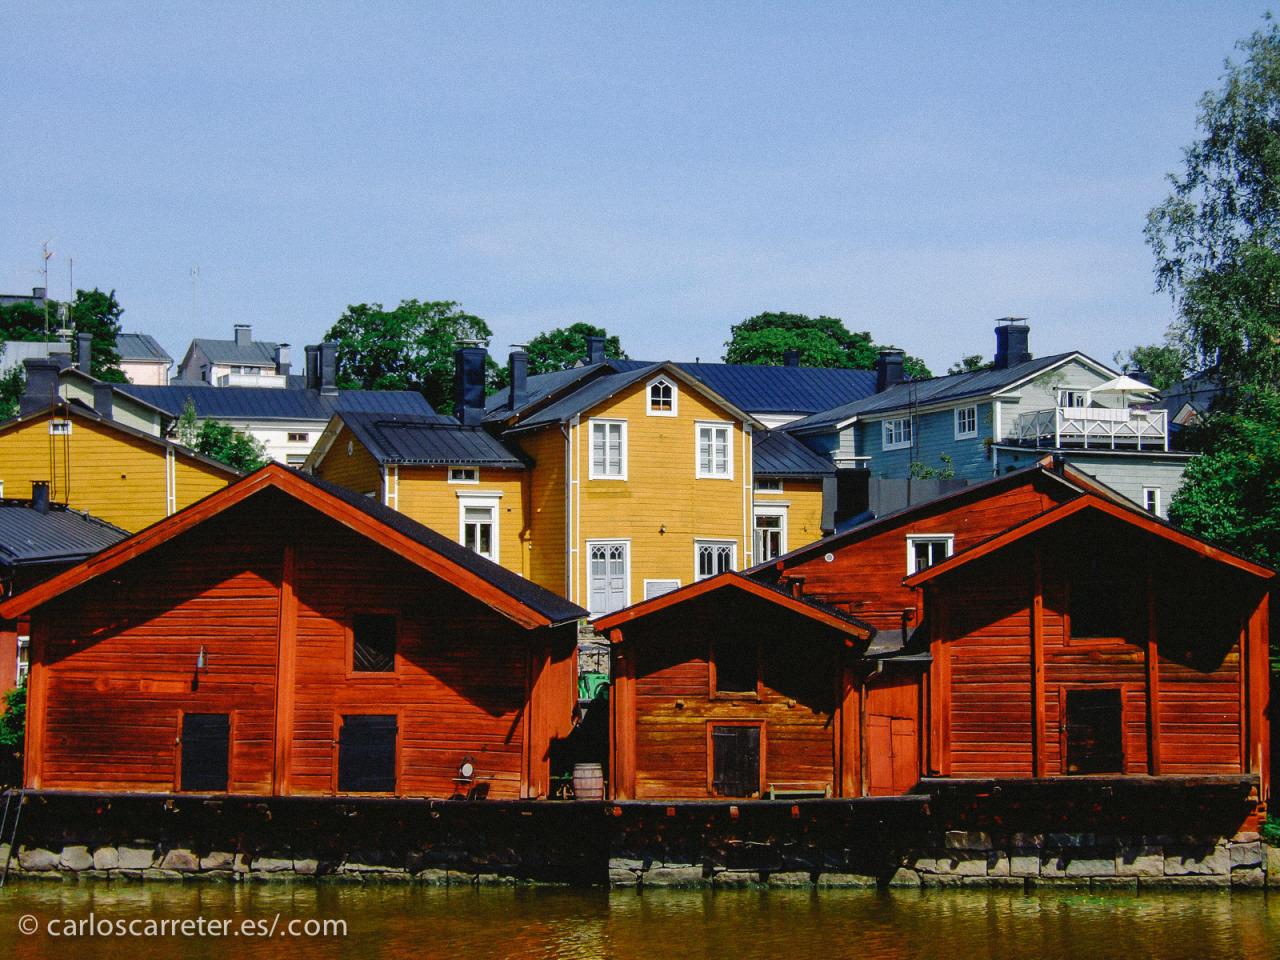 Casitas de madera en Porvoo, Finlandia, otro país con alta movilidad social. En el encabezado, Washington Square en Estados Unidos, donde si has nacido pobre lo tienes bastante más chungo.